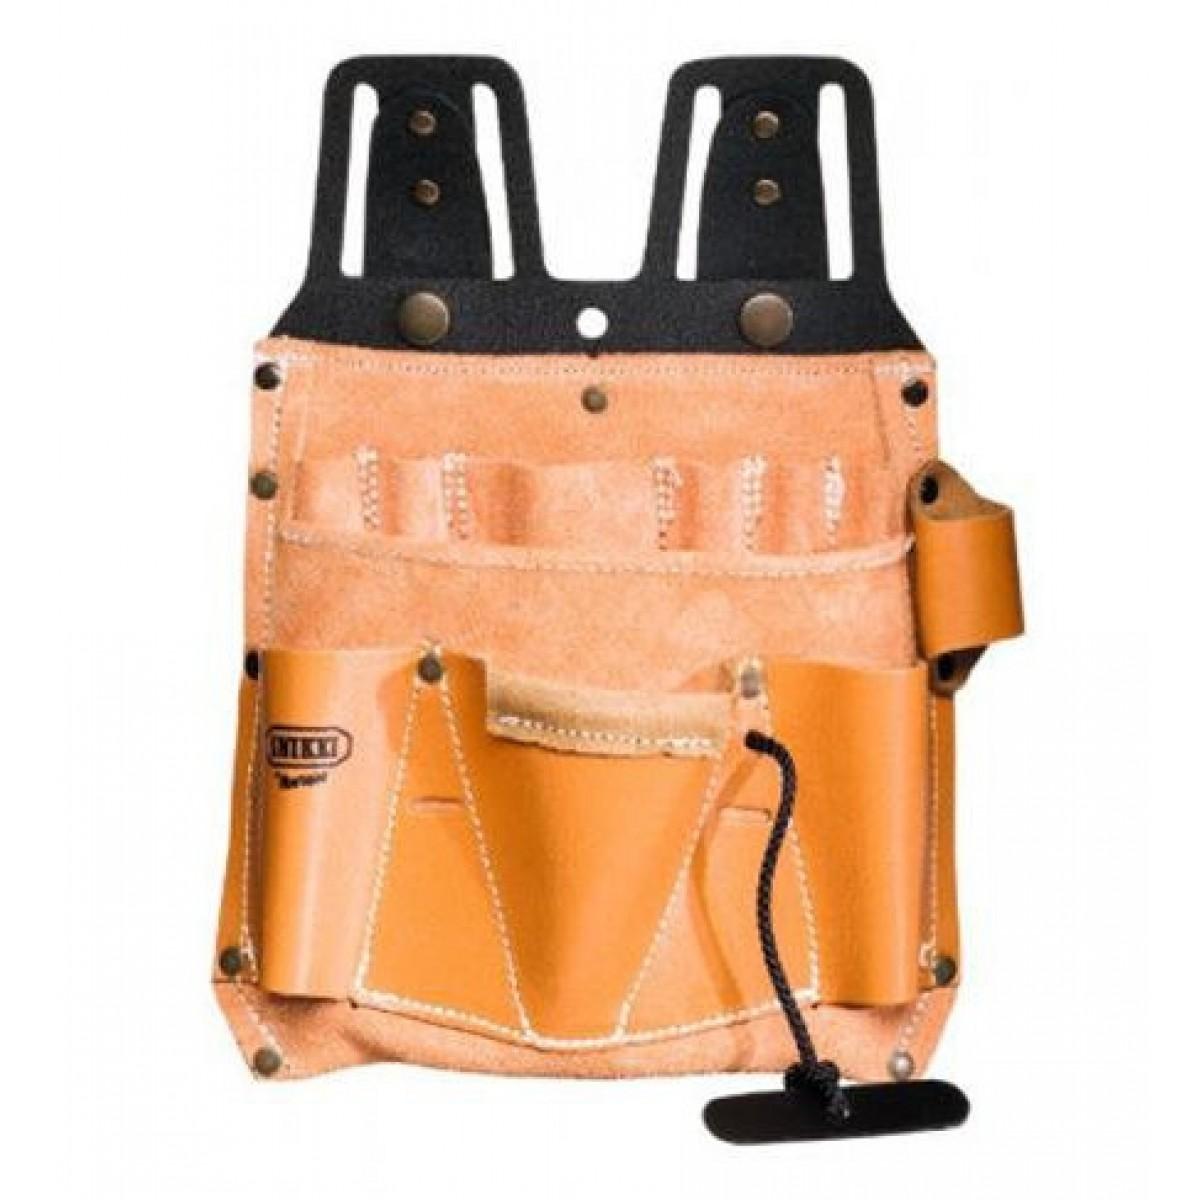 Kansas Elektriker værktøjsholder-31